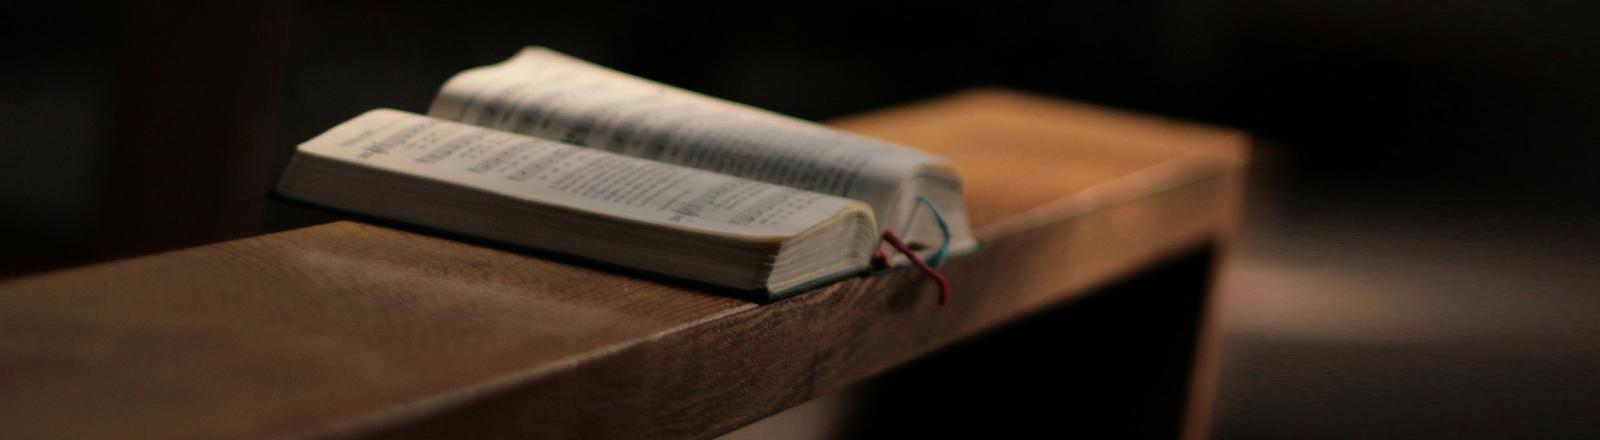 Ein Gebetsbuch auf einer Kirchenbank